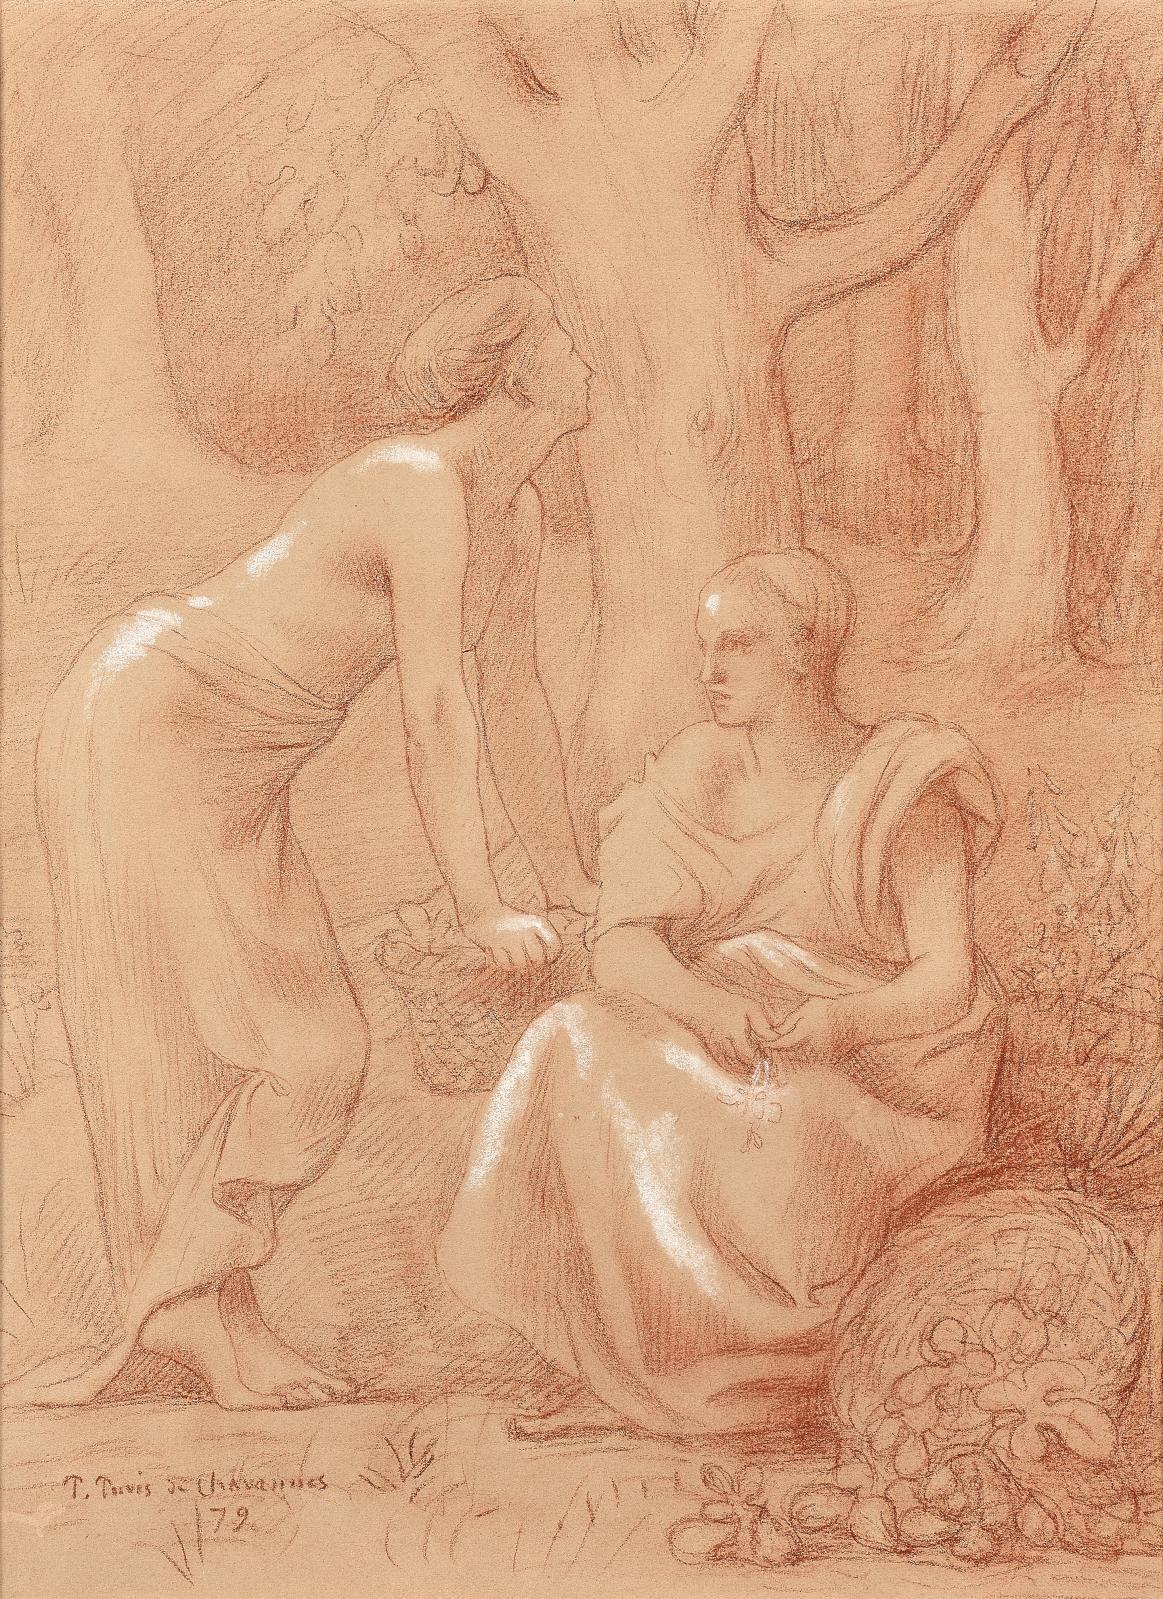 Pierre Puvis de Chavannes (1824-1898), La Cueillette des figues, 1879, sanguine rehaussée de blanc, 40x29,5cm (à vue), 40,5x32cm (la